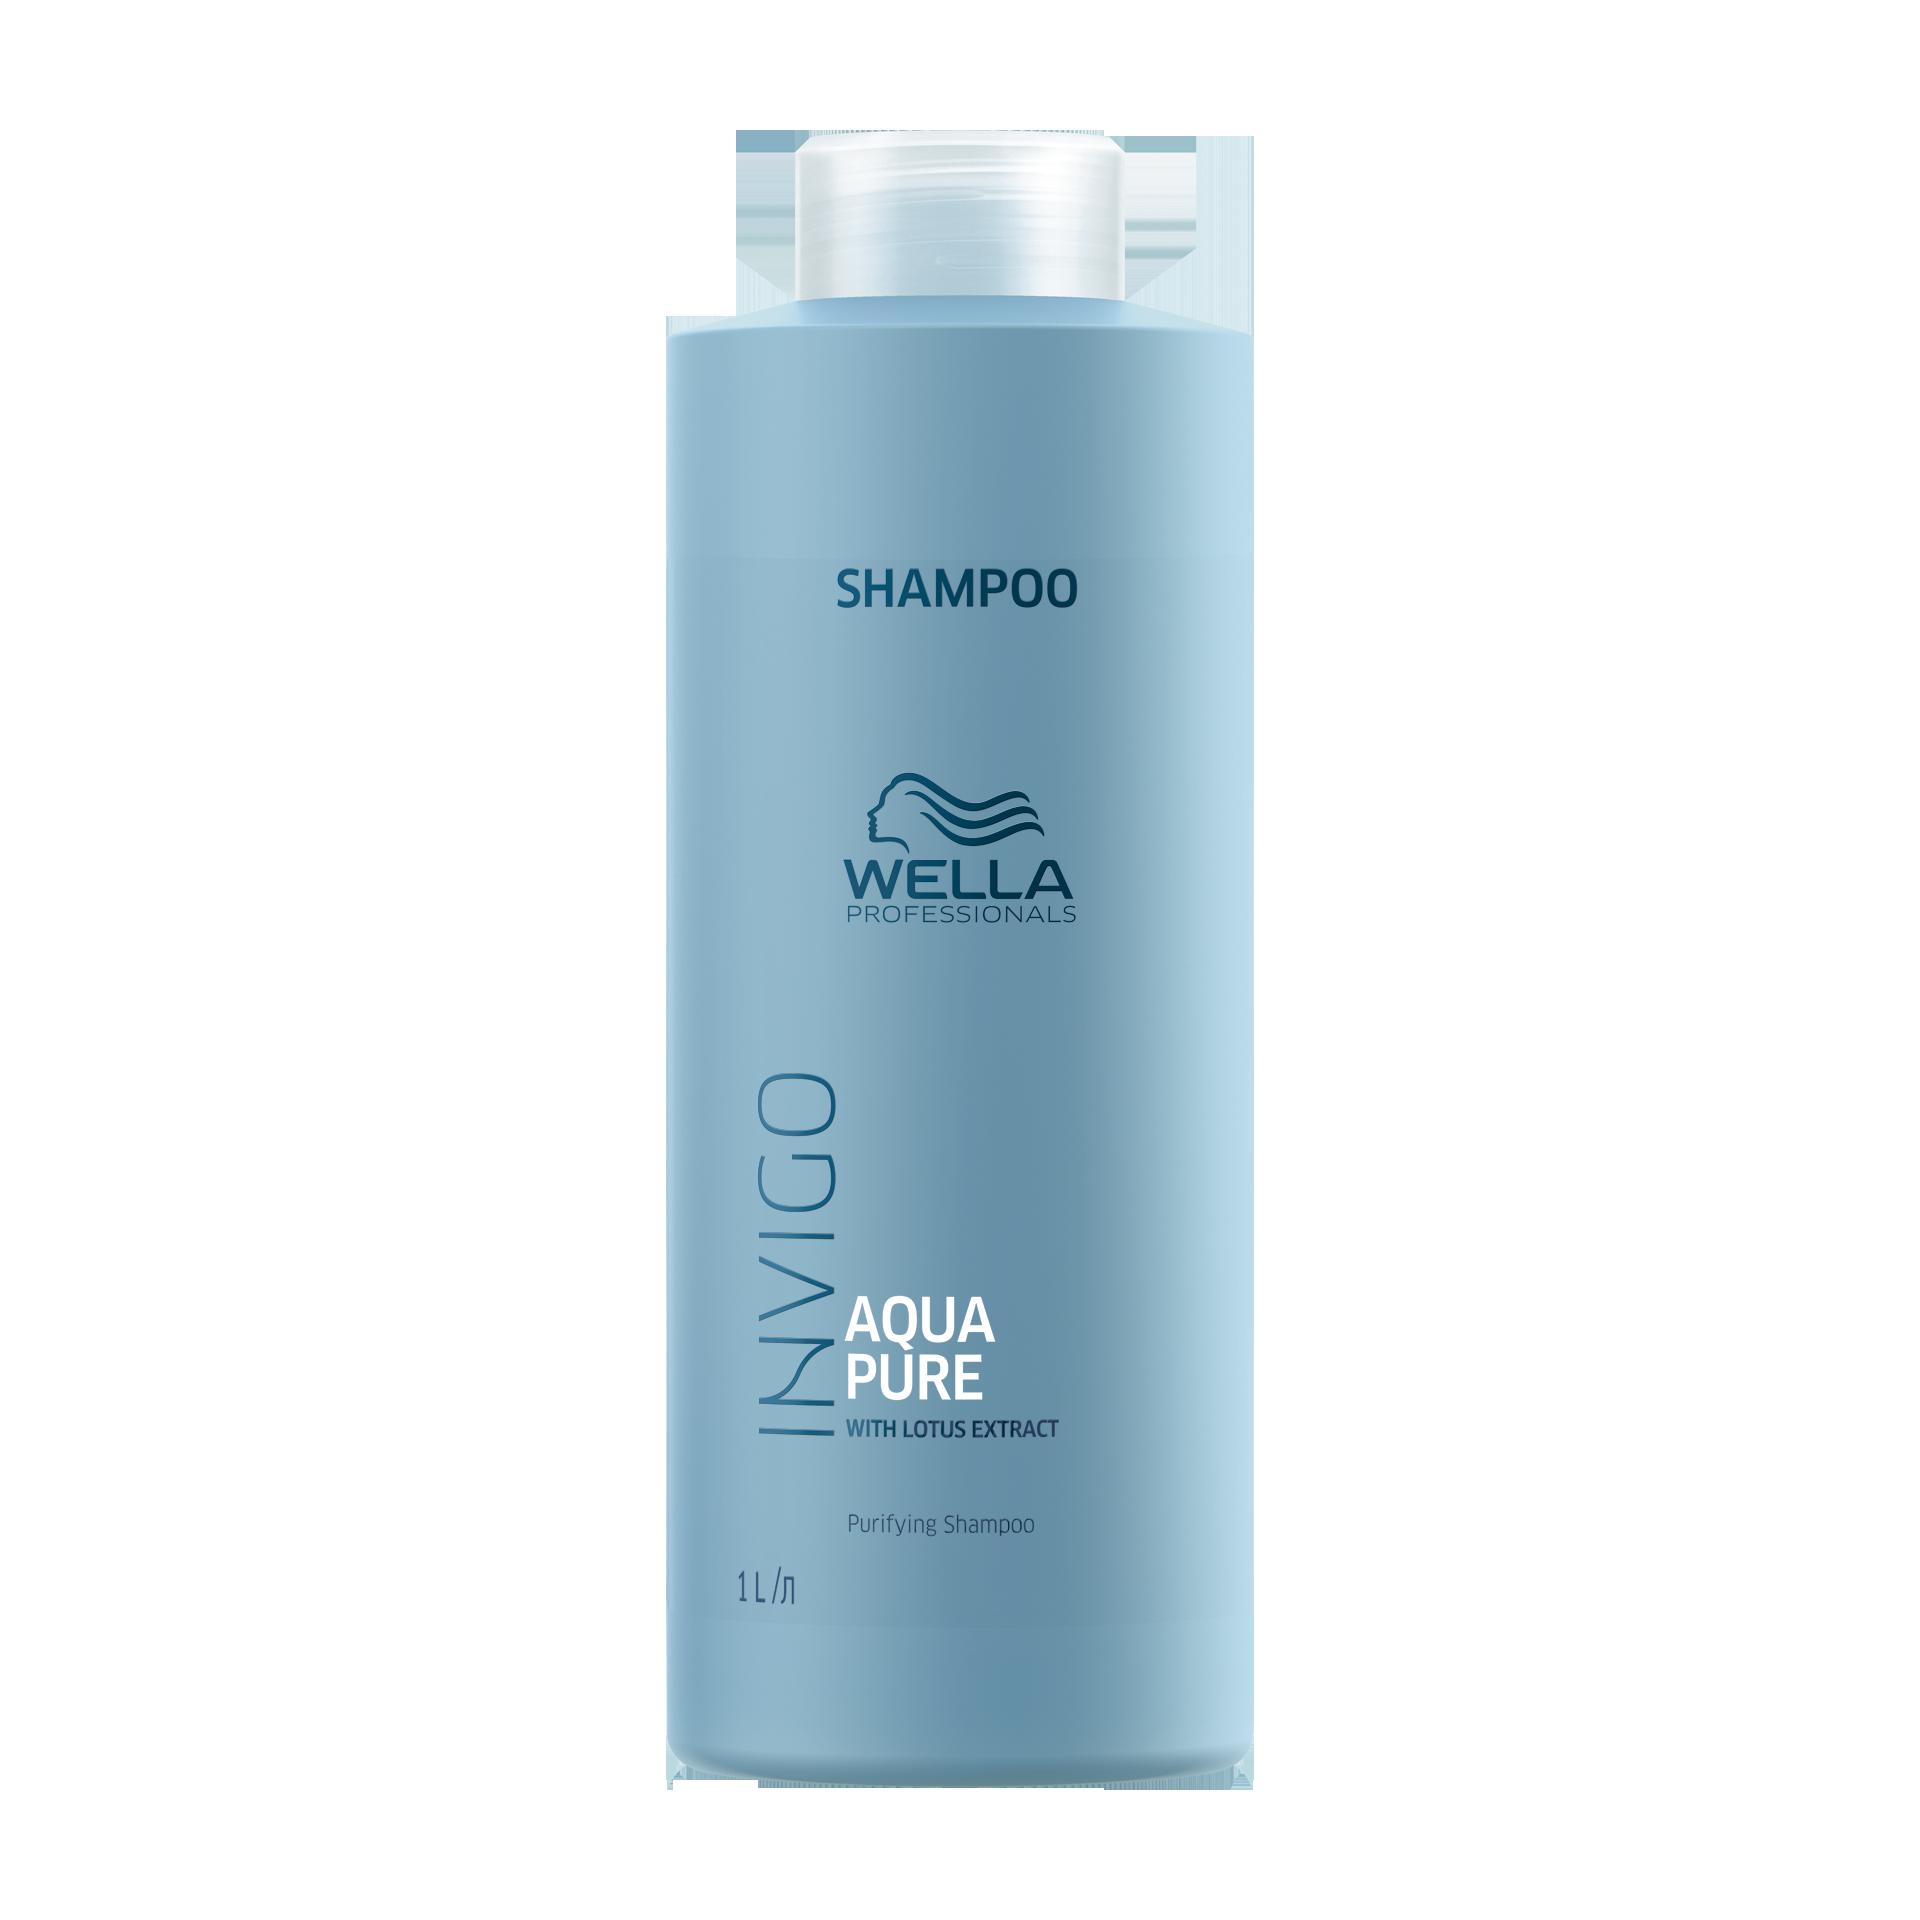 Купить WELLA Professionals Шампунь очищающий с экстрактом лотоса / Aqua Pure 1000 мл